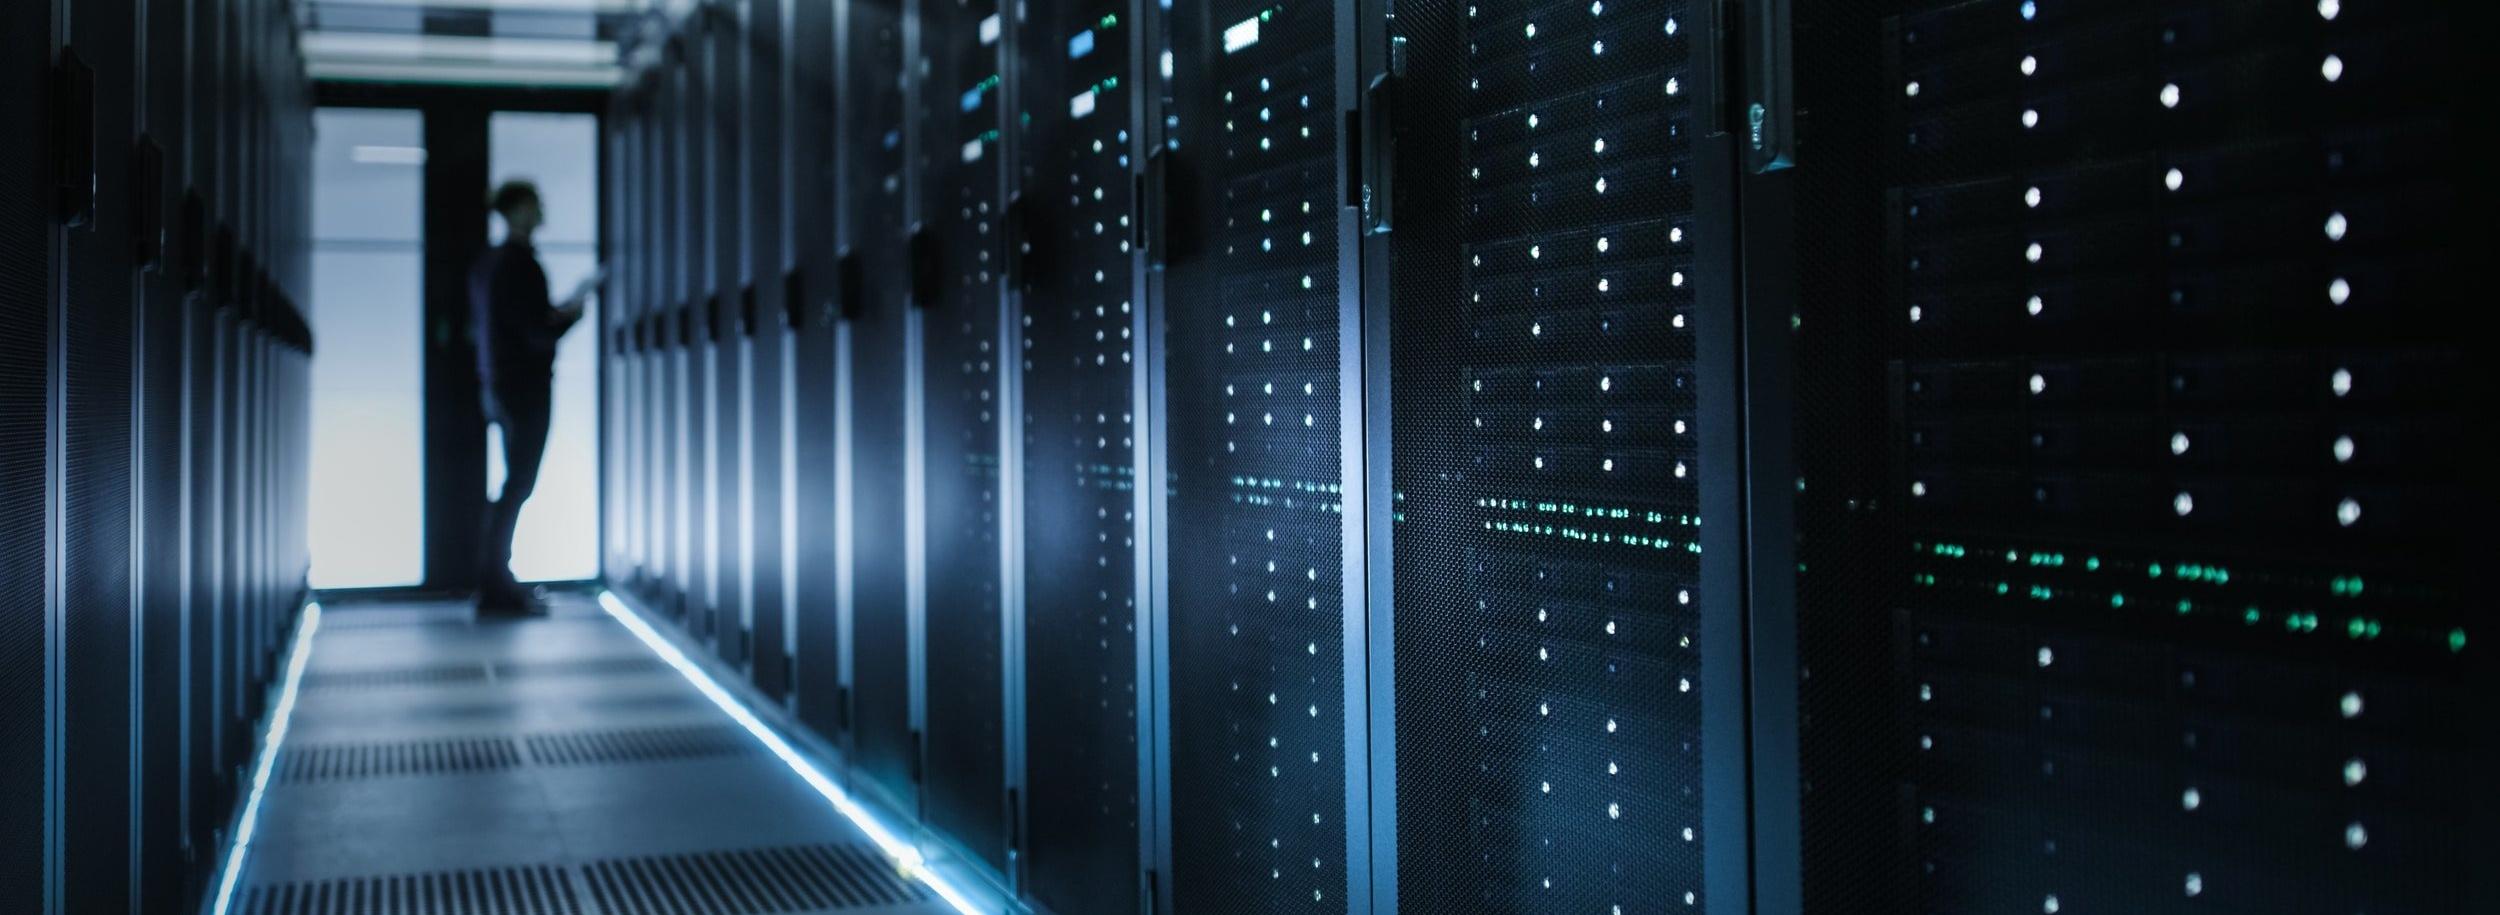 habberstad-informasjonssikkerhet-gdpr-banner-edited.jpg